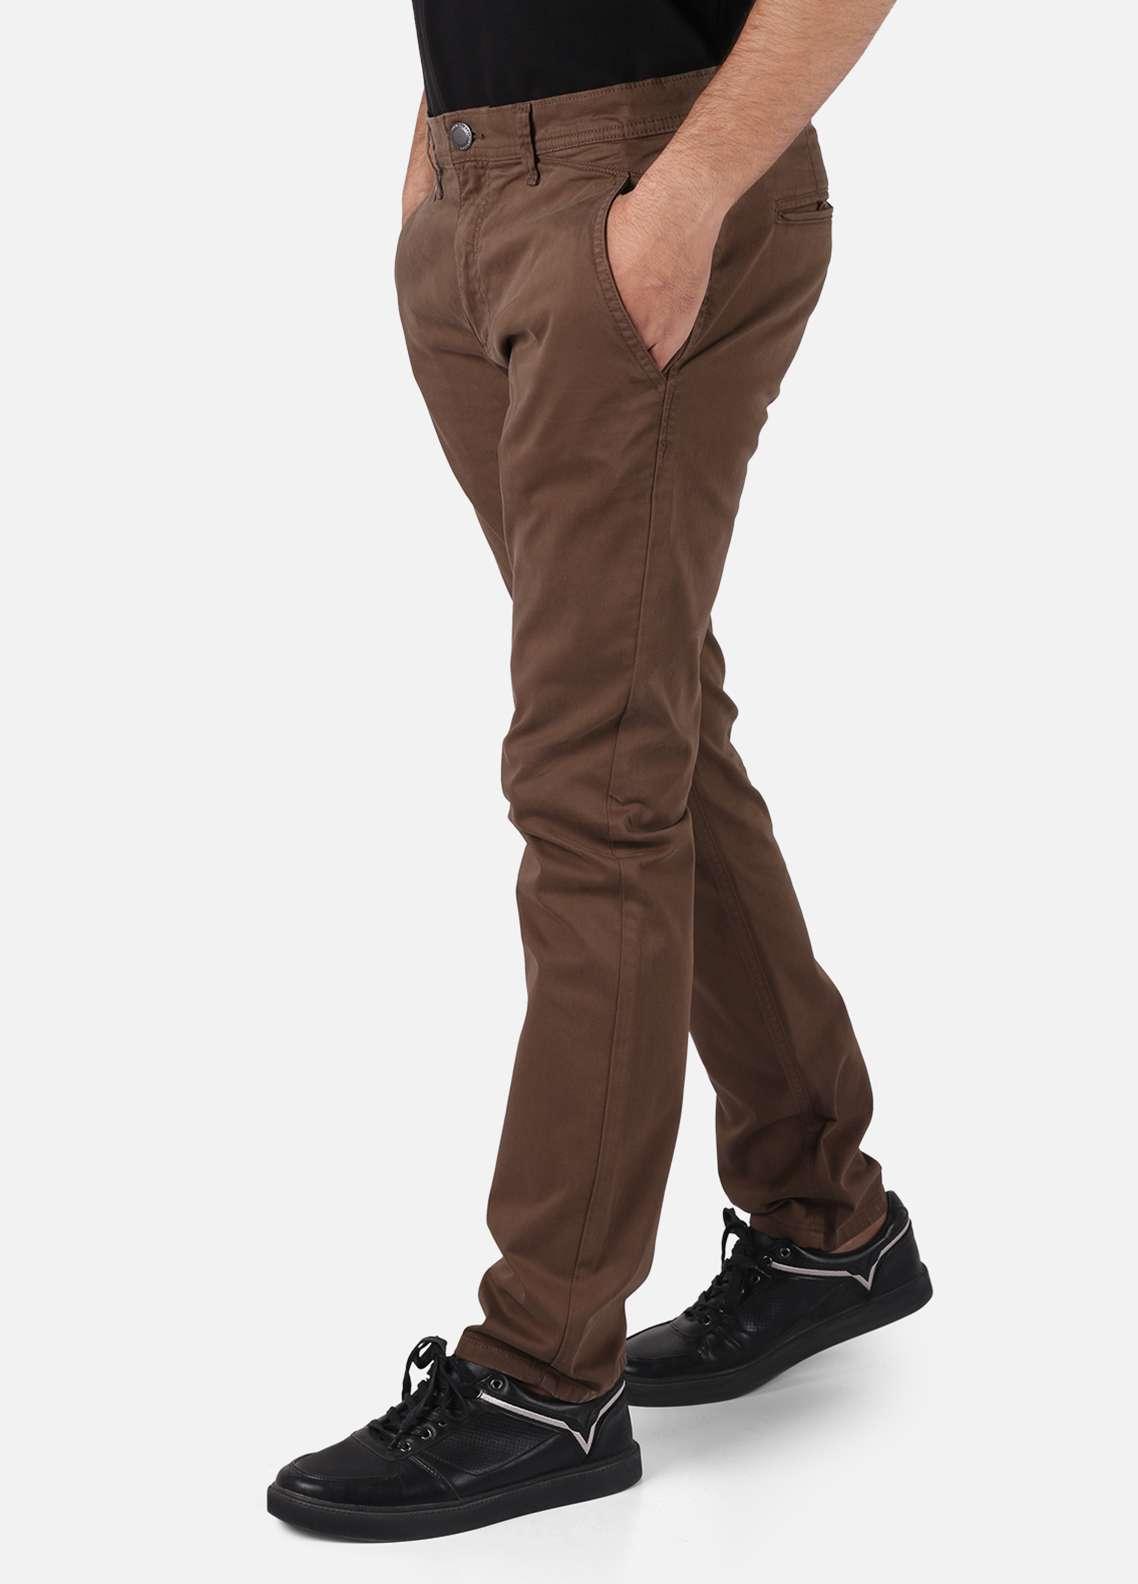 Furor  Chino Men Pants - Brown FRM18C FMBCP18-011